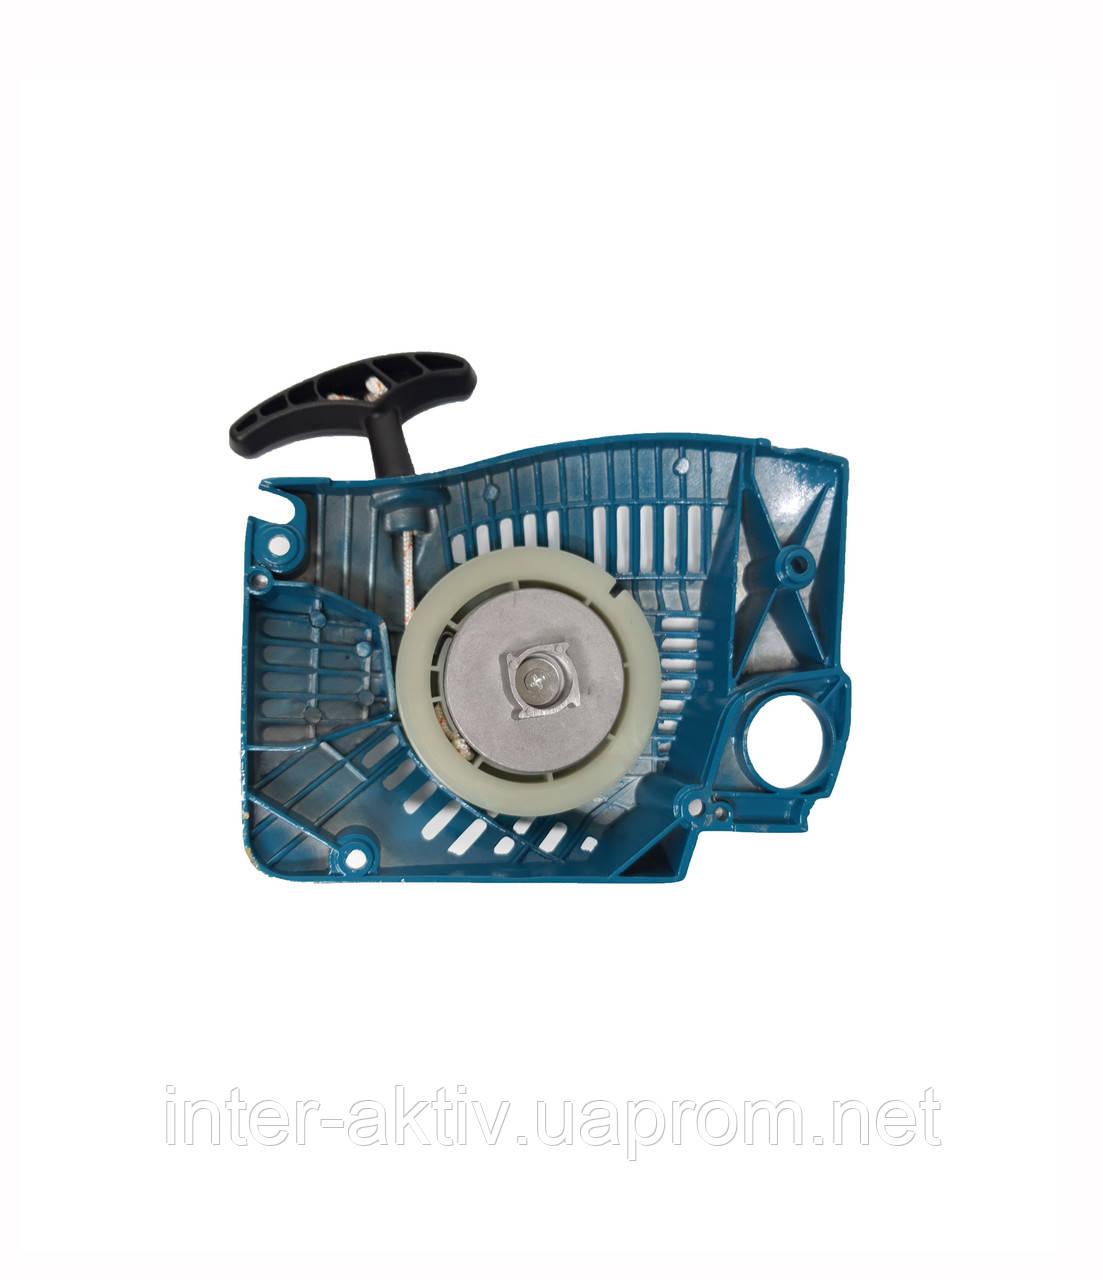 Стартер в сборе для бензопилы металл п/п Craft-tec 5800